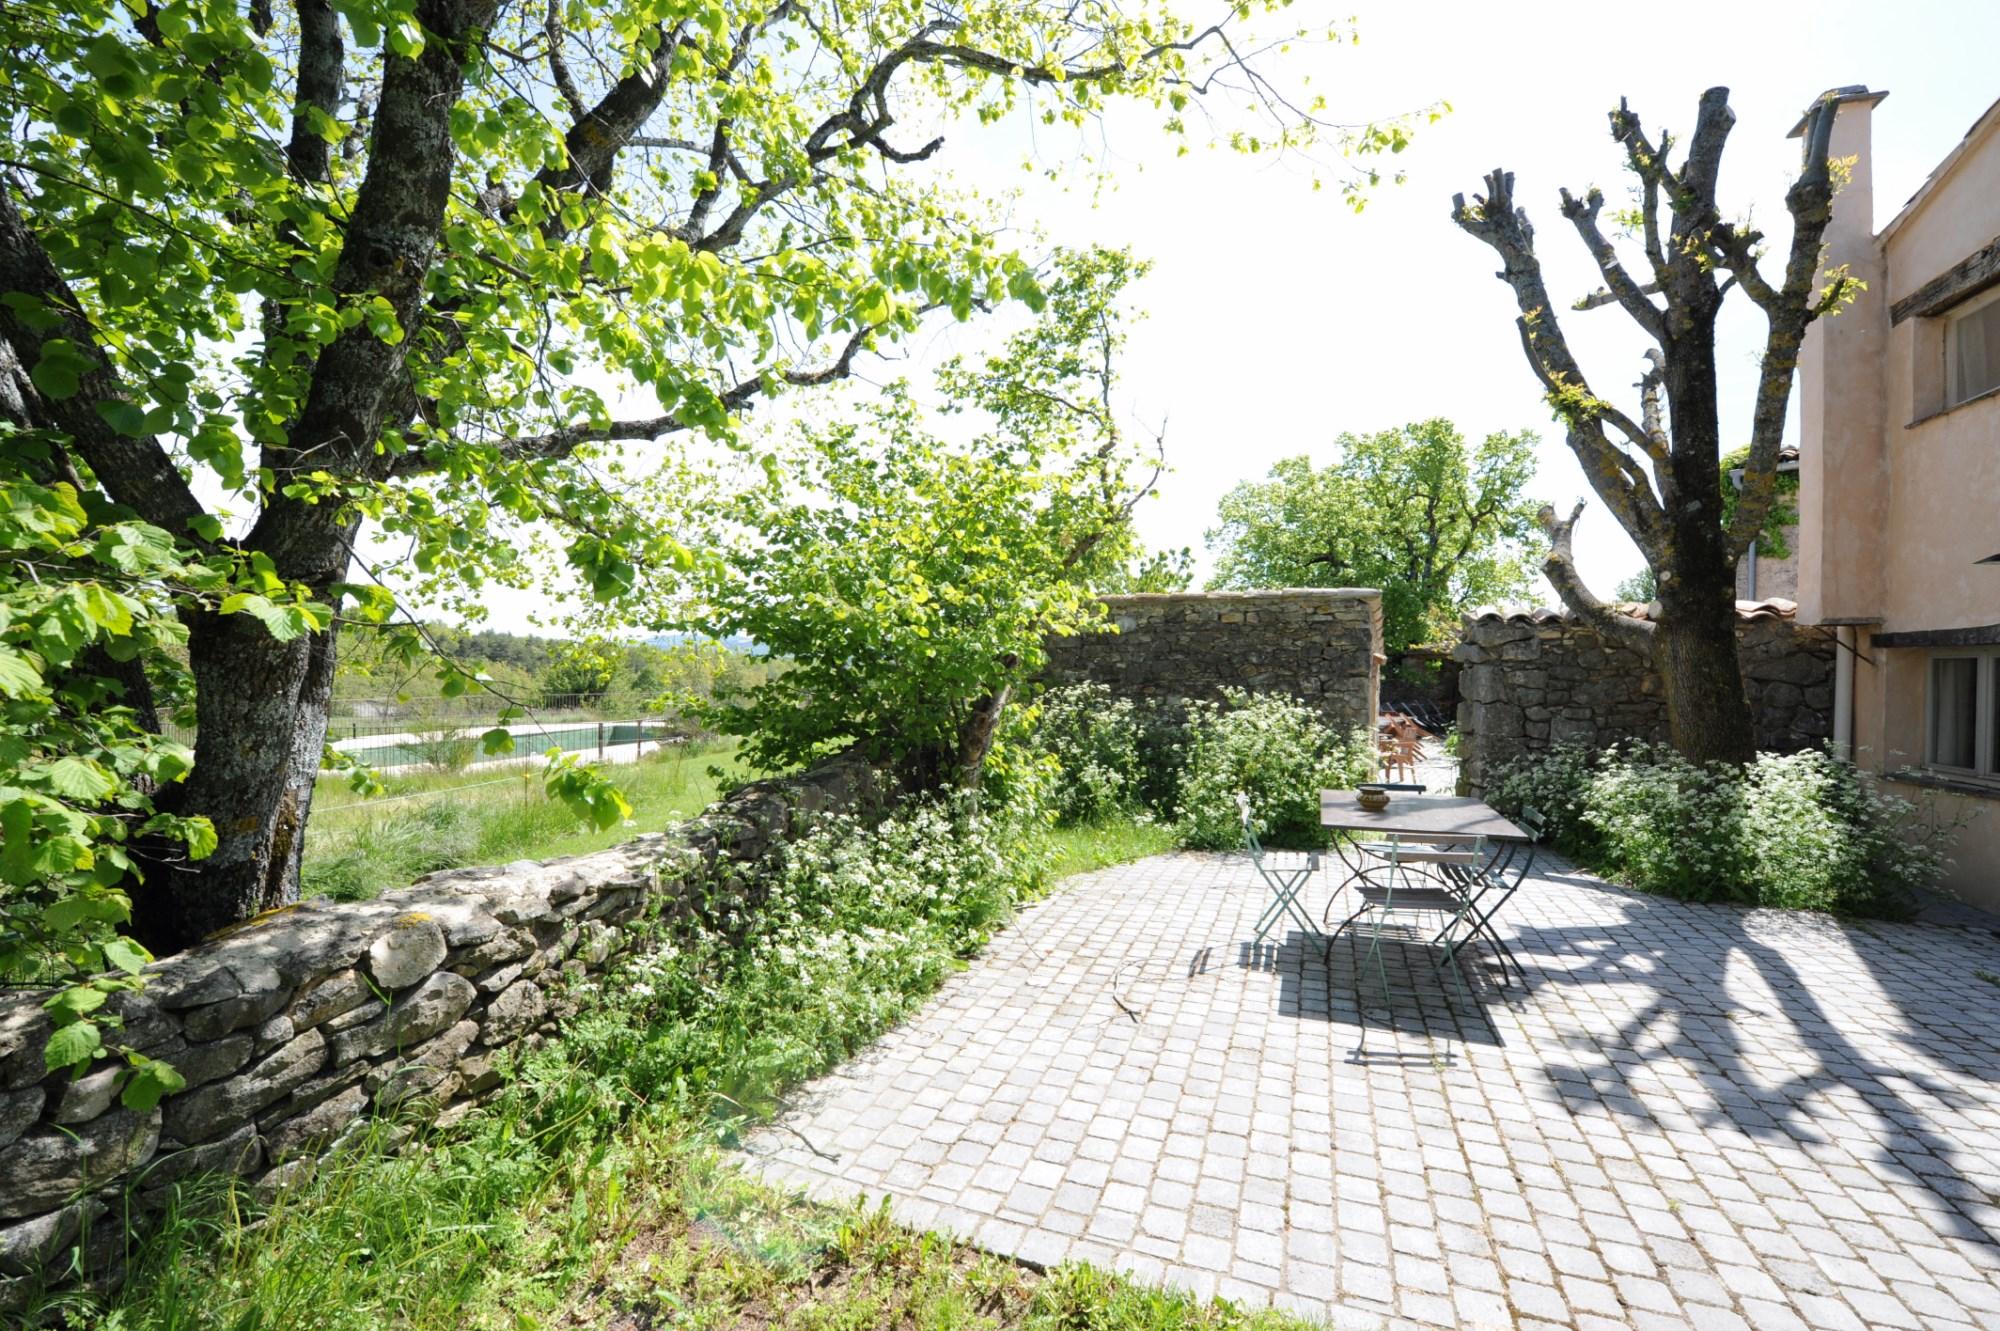 Ferme du XVIIIème siècle à vendre avec piscine et dépendances sur plus de 56 hectares